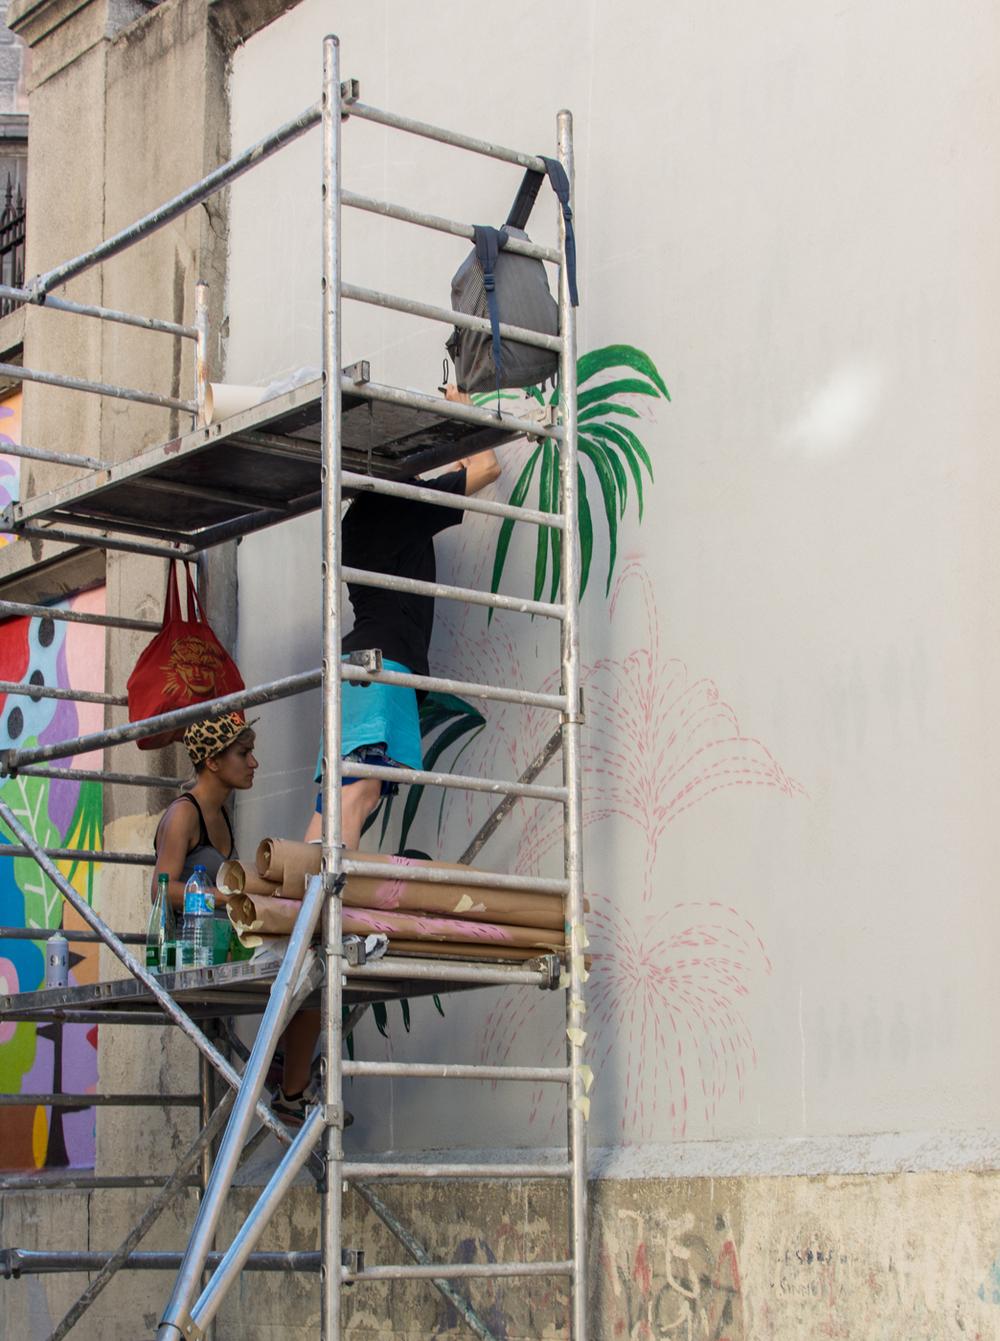 Btoy - MurosTabacalera by Guillermo de la Madrid - Madrid Street Art Project-58.jpg